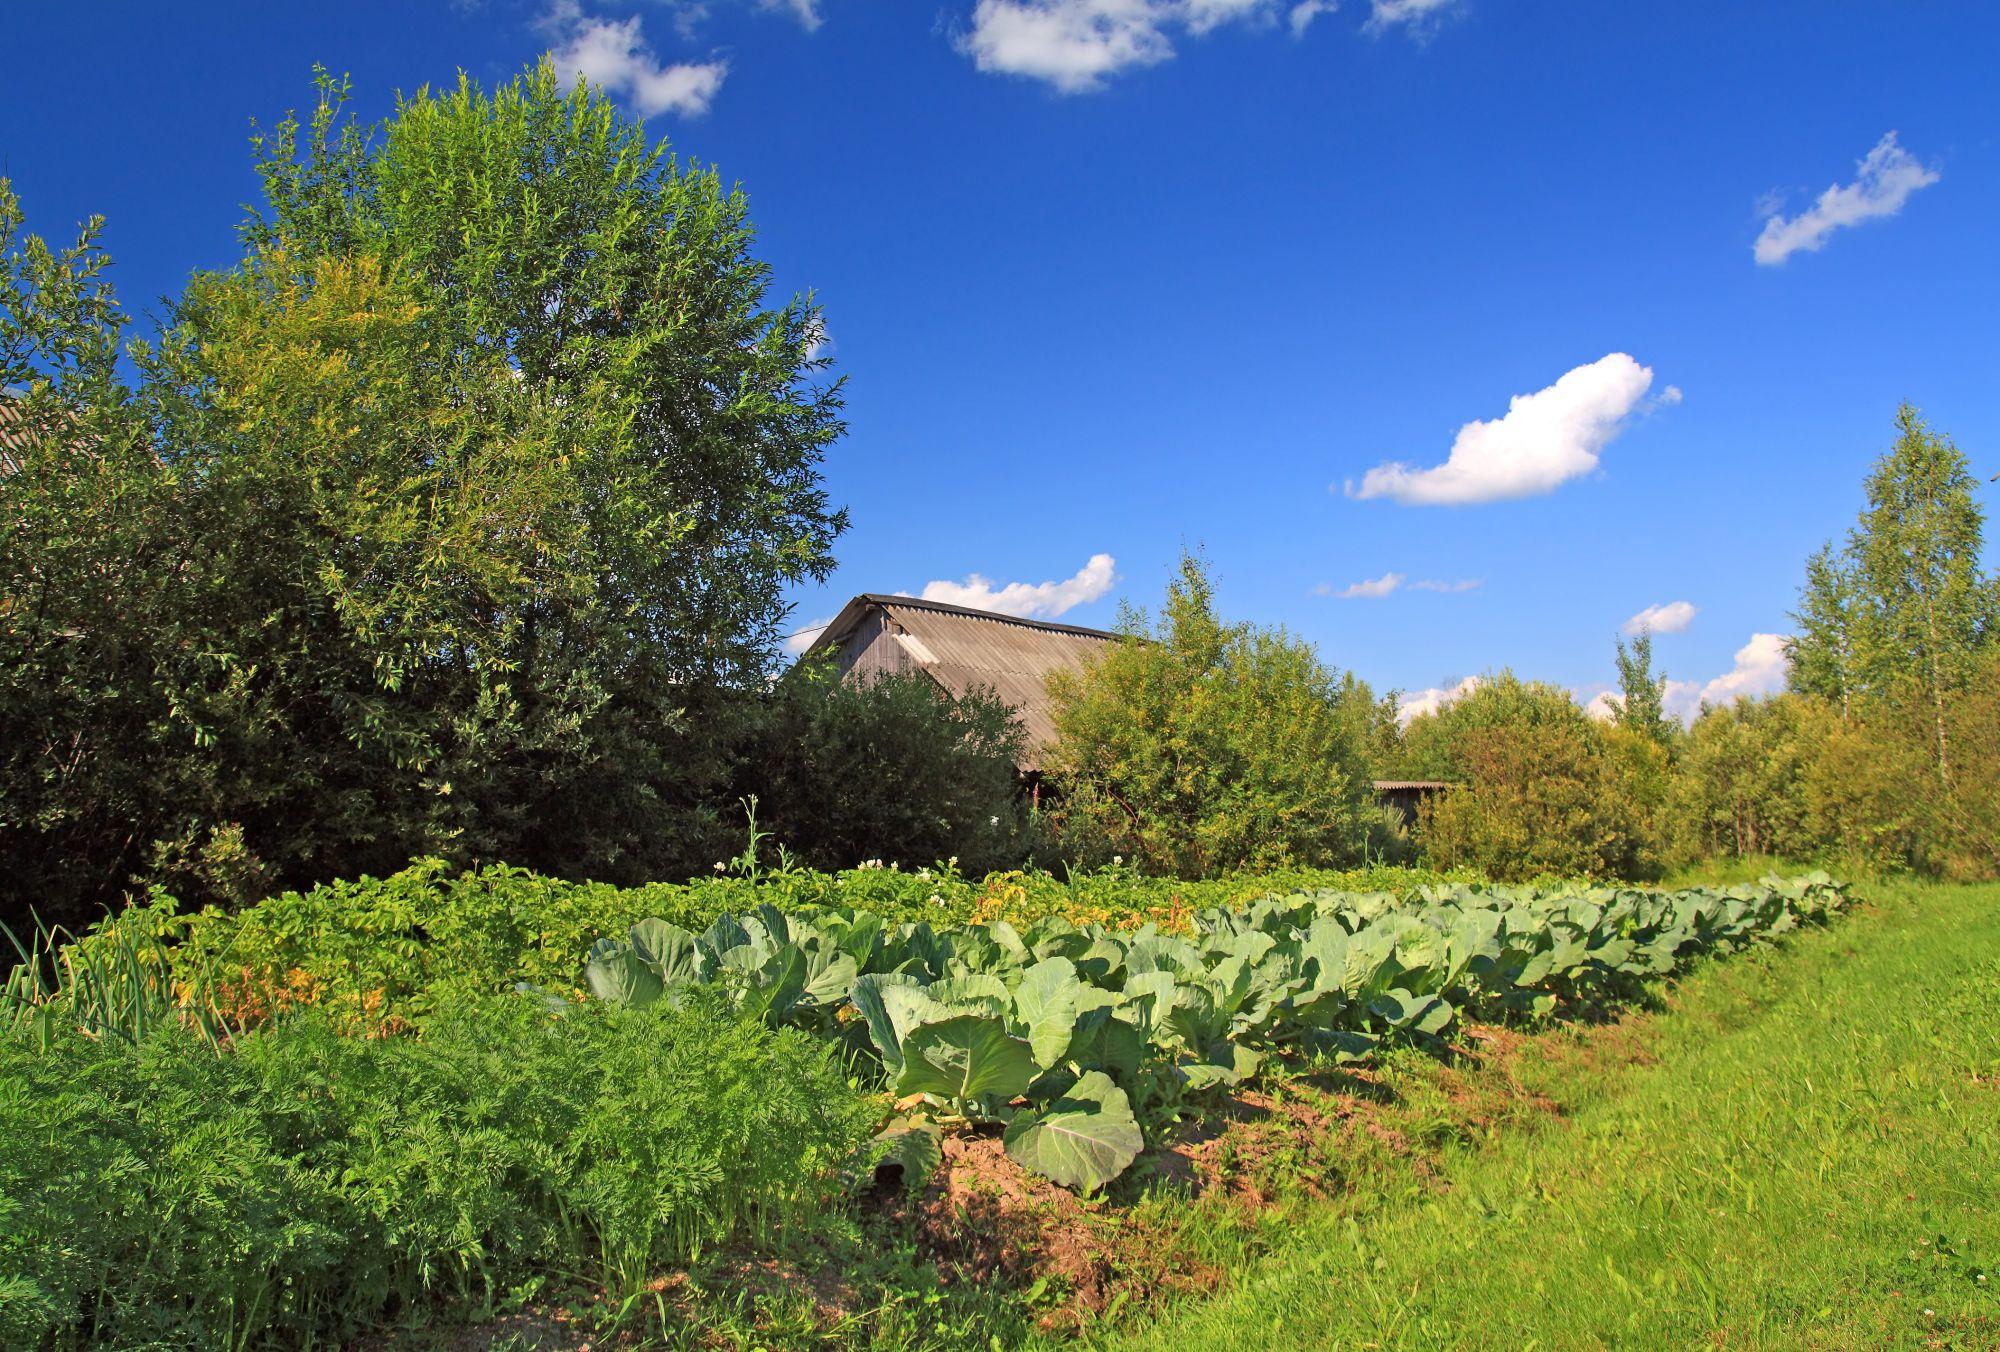 gradina de legume soare